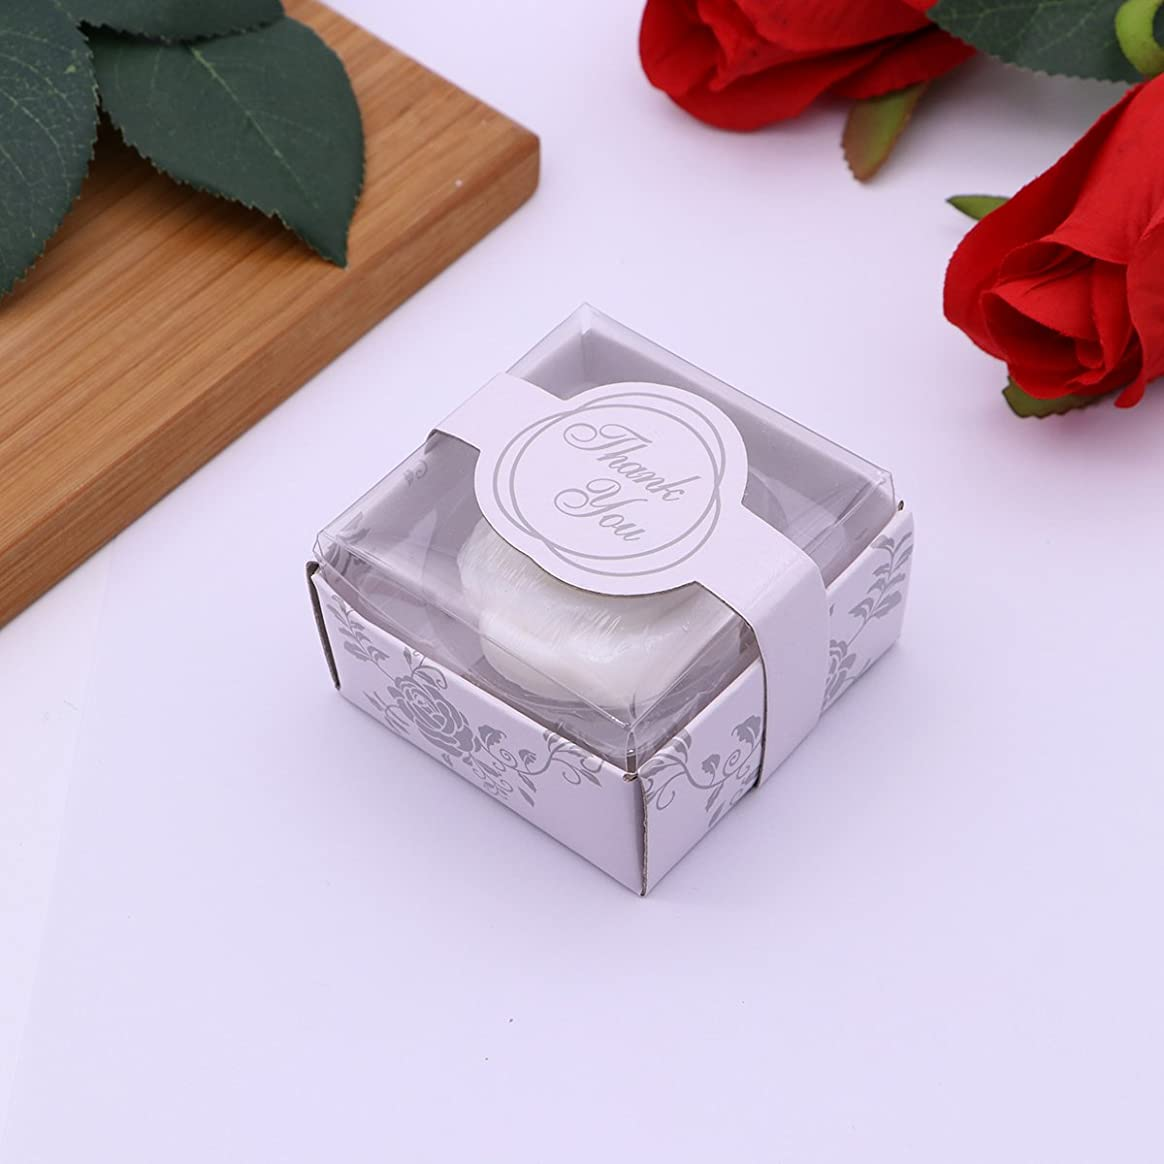 卵前書きマイナーAmosfun 手作り石鹸オイルローズフラワーソープアロマエッセンシャルオイルギフト記念日誕生日結婚式バレンタインデー(ホワイト)20ピース